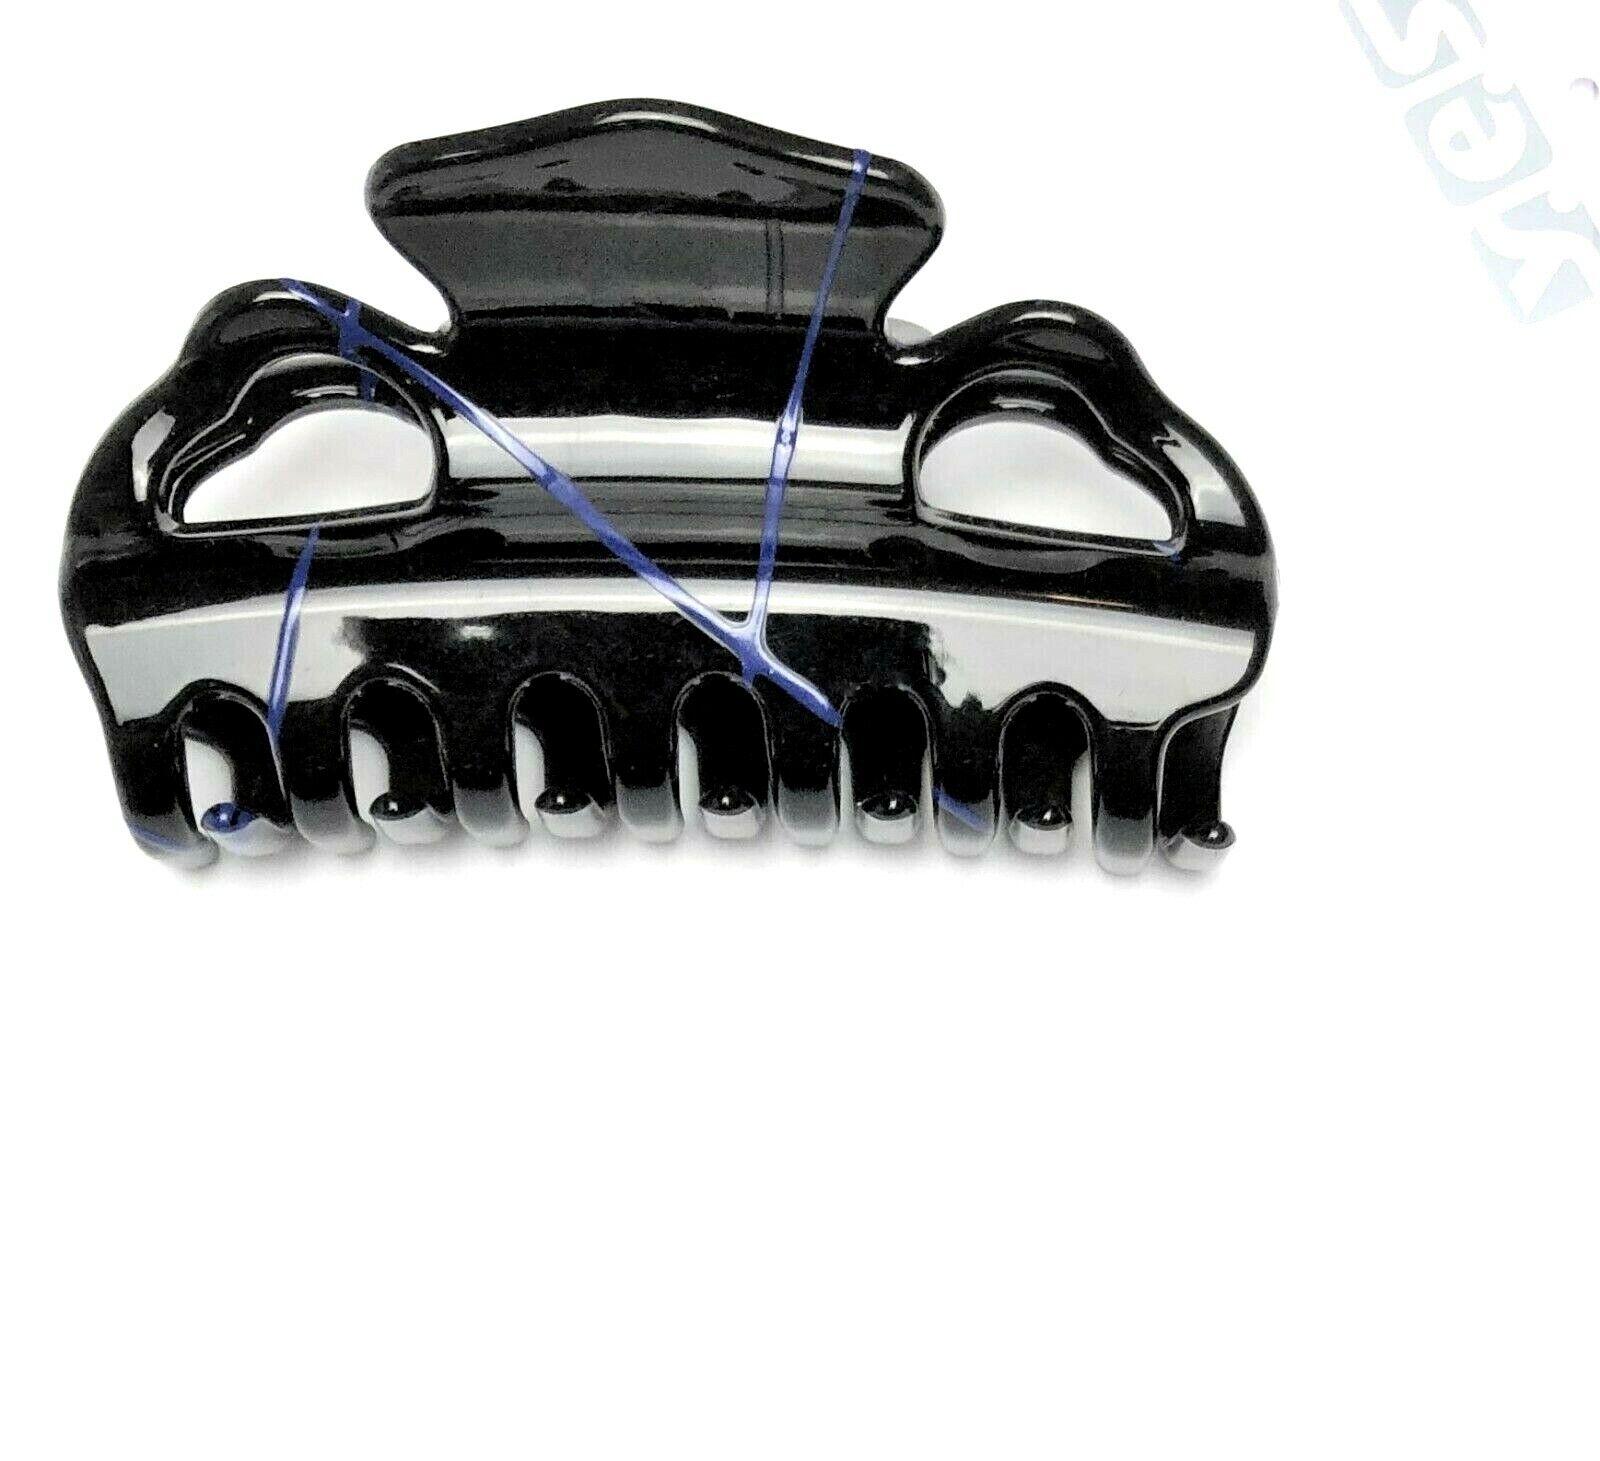 Haarkrebs Haarklammer Haarspange Haarclip Haarkralle schwarz blau 9 cm x 4,5 cm